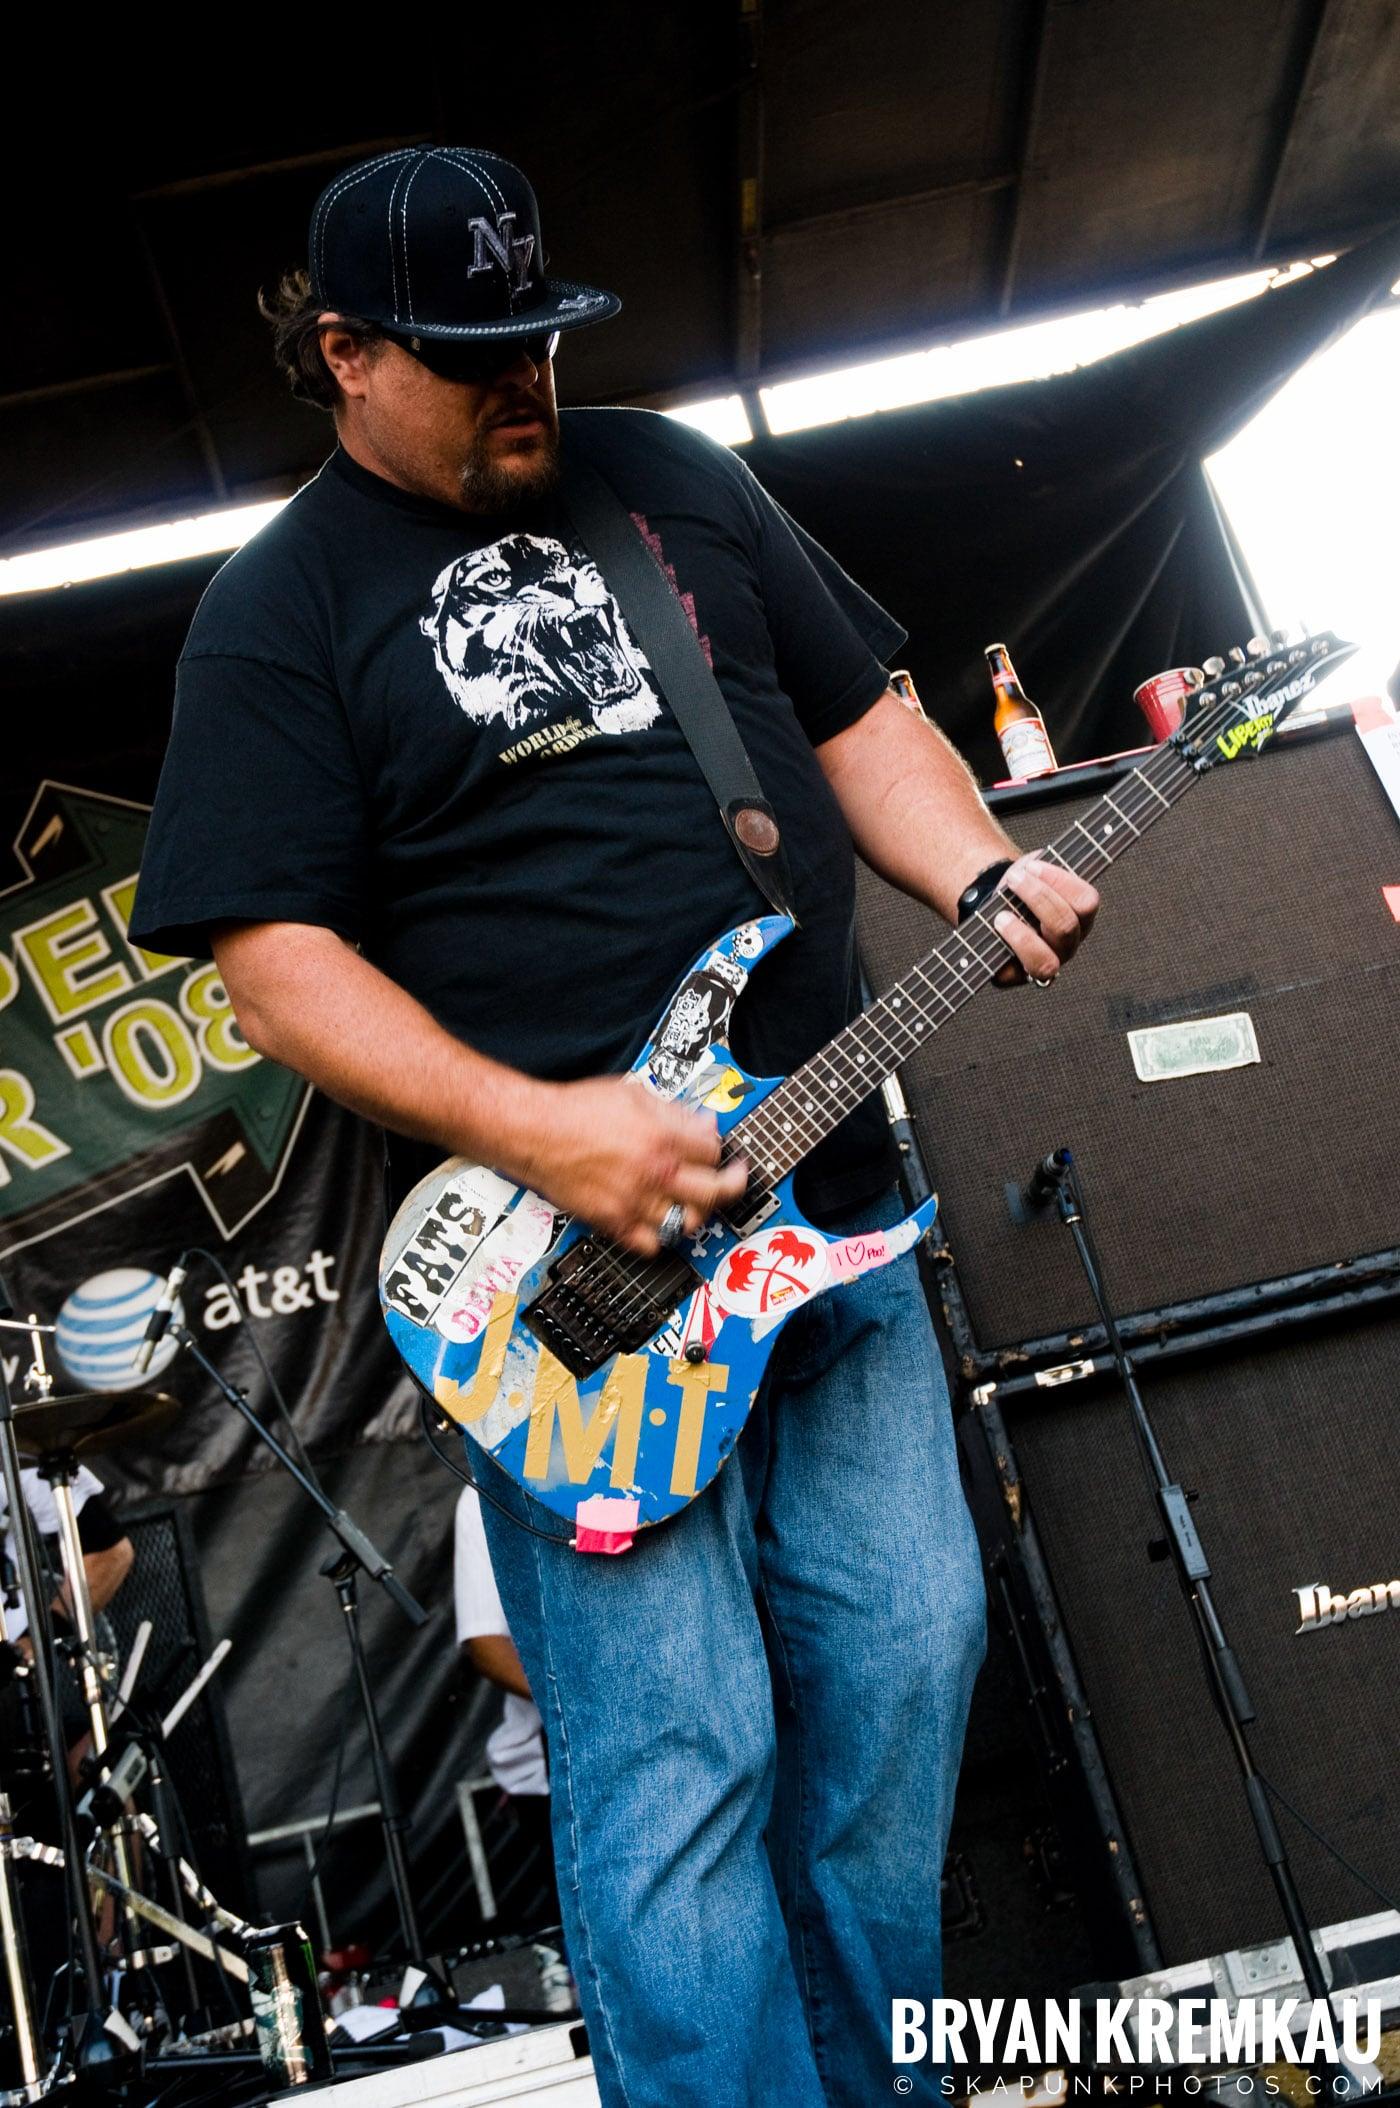 Pennywise @ Warped Tour 08, Scranton PA - 7.27.08 (11)